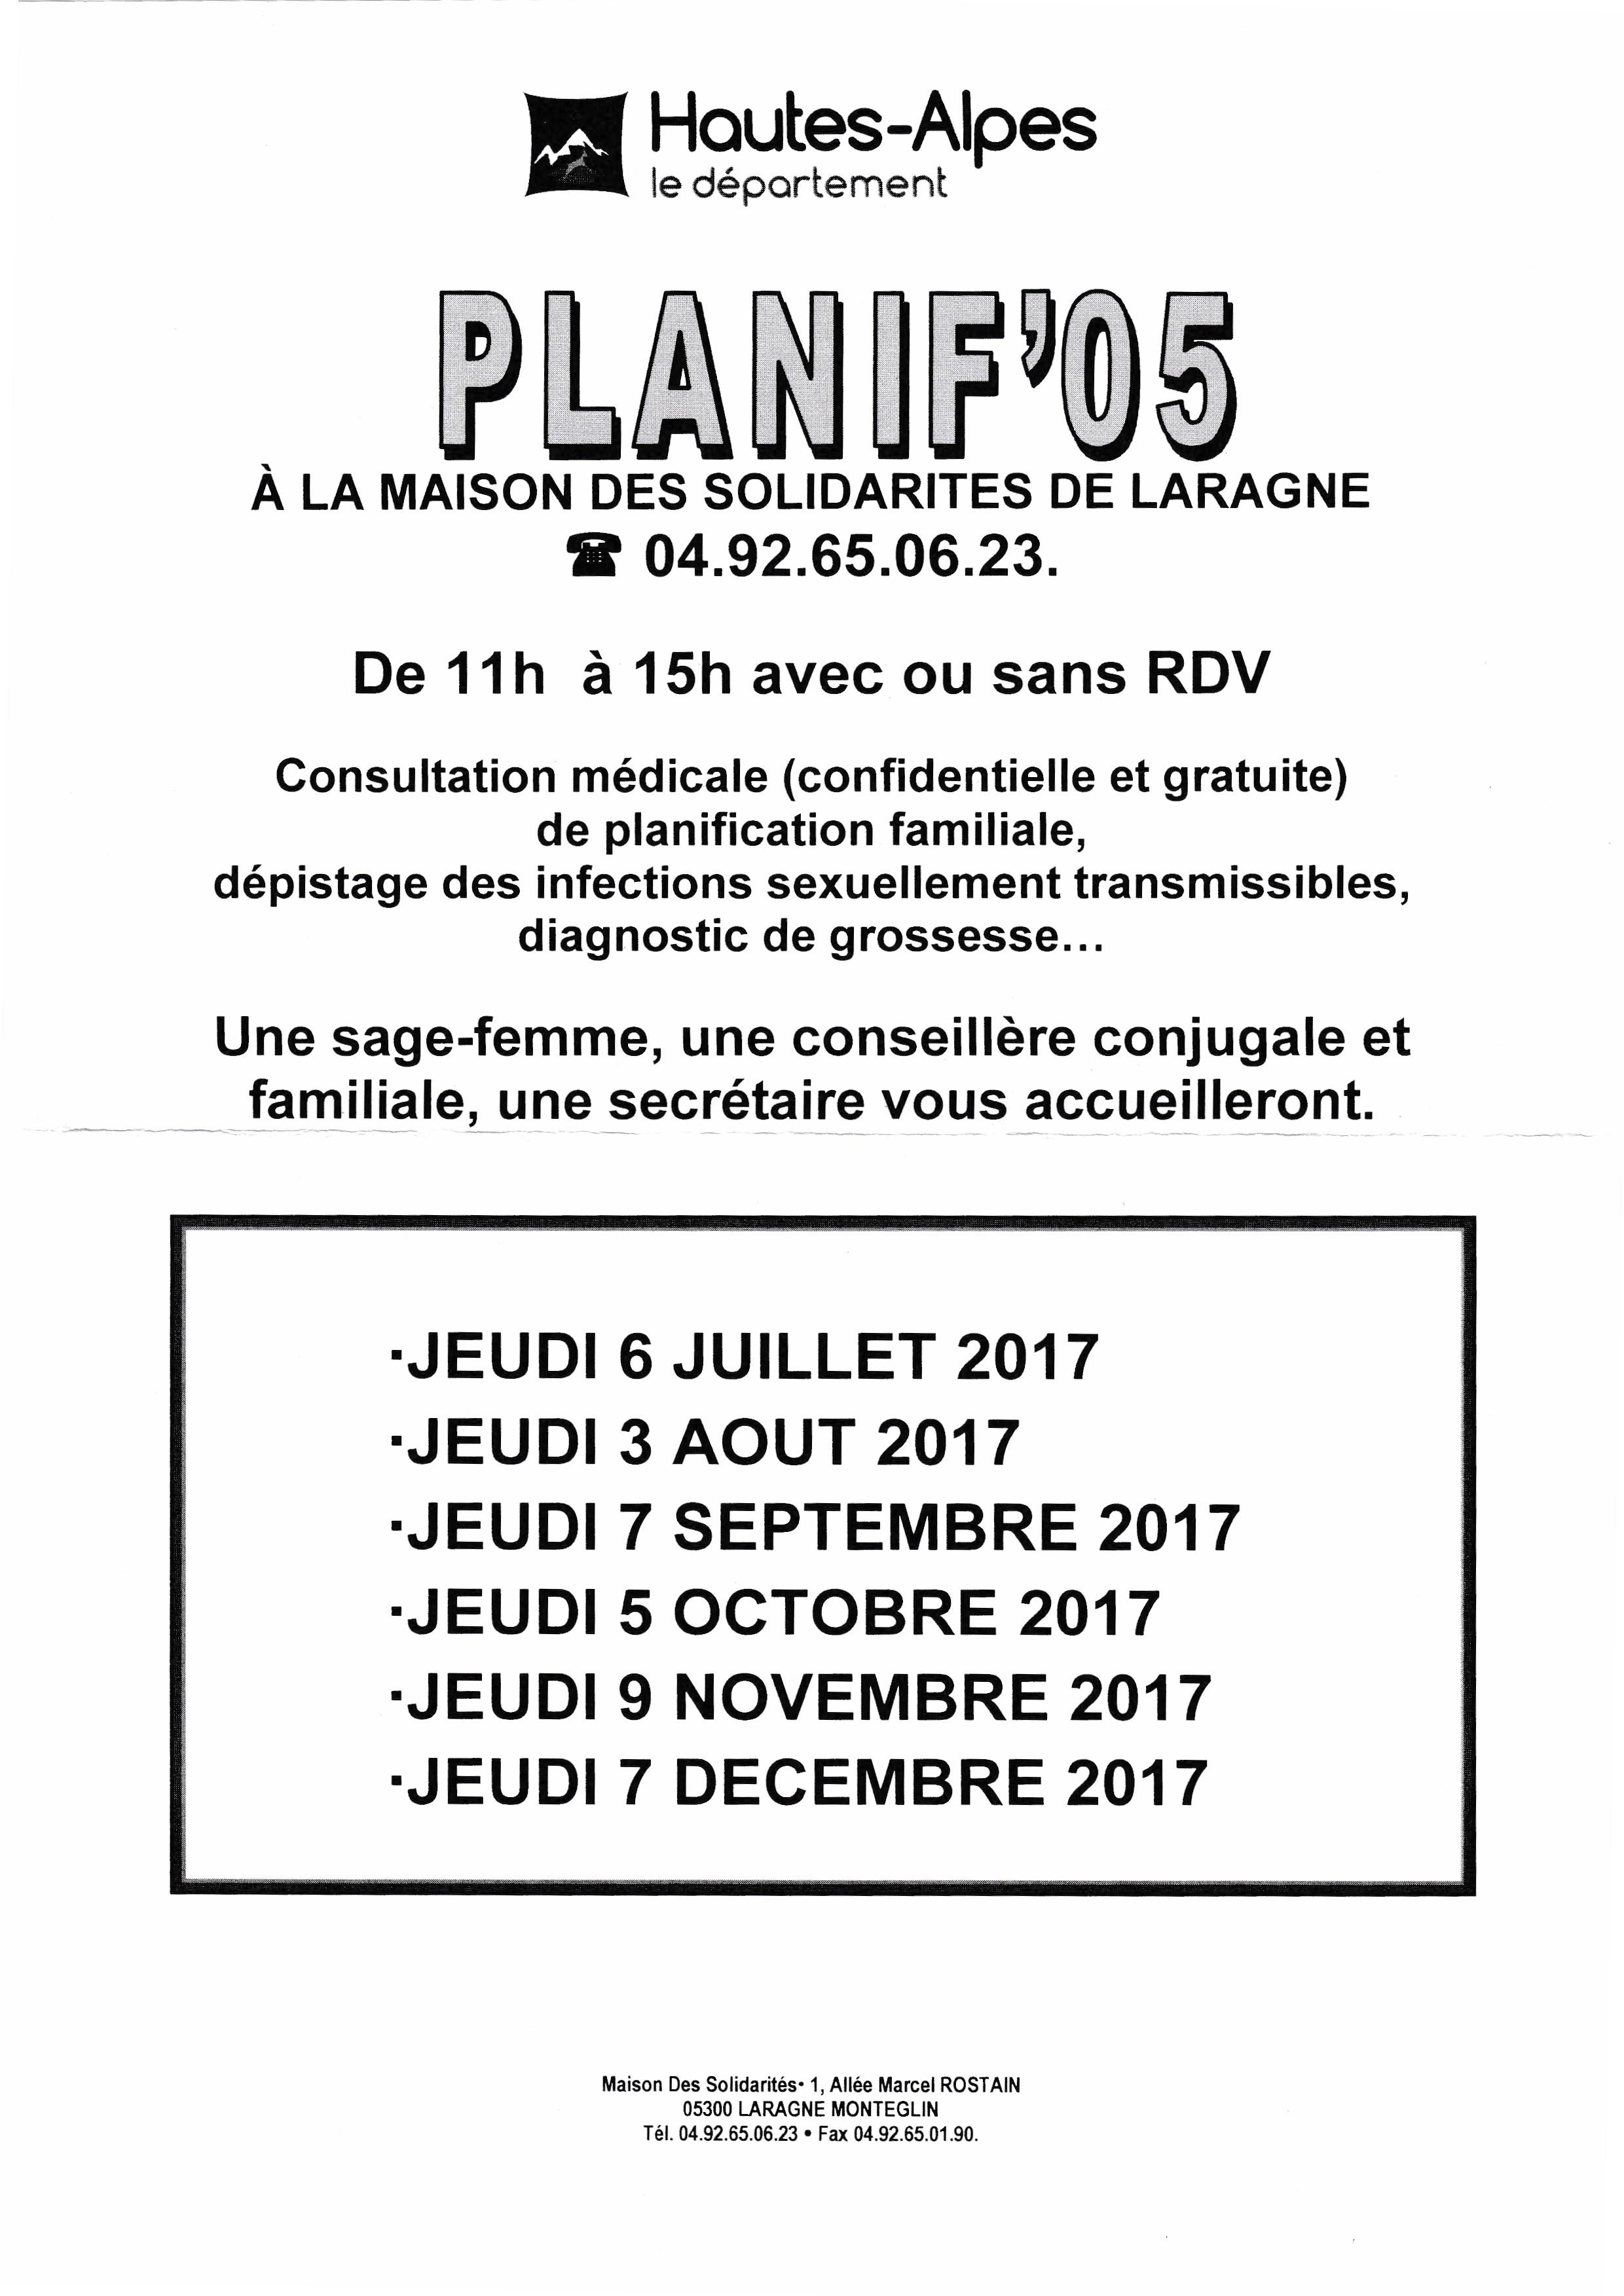 planif-05